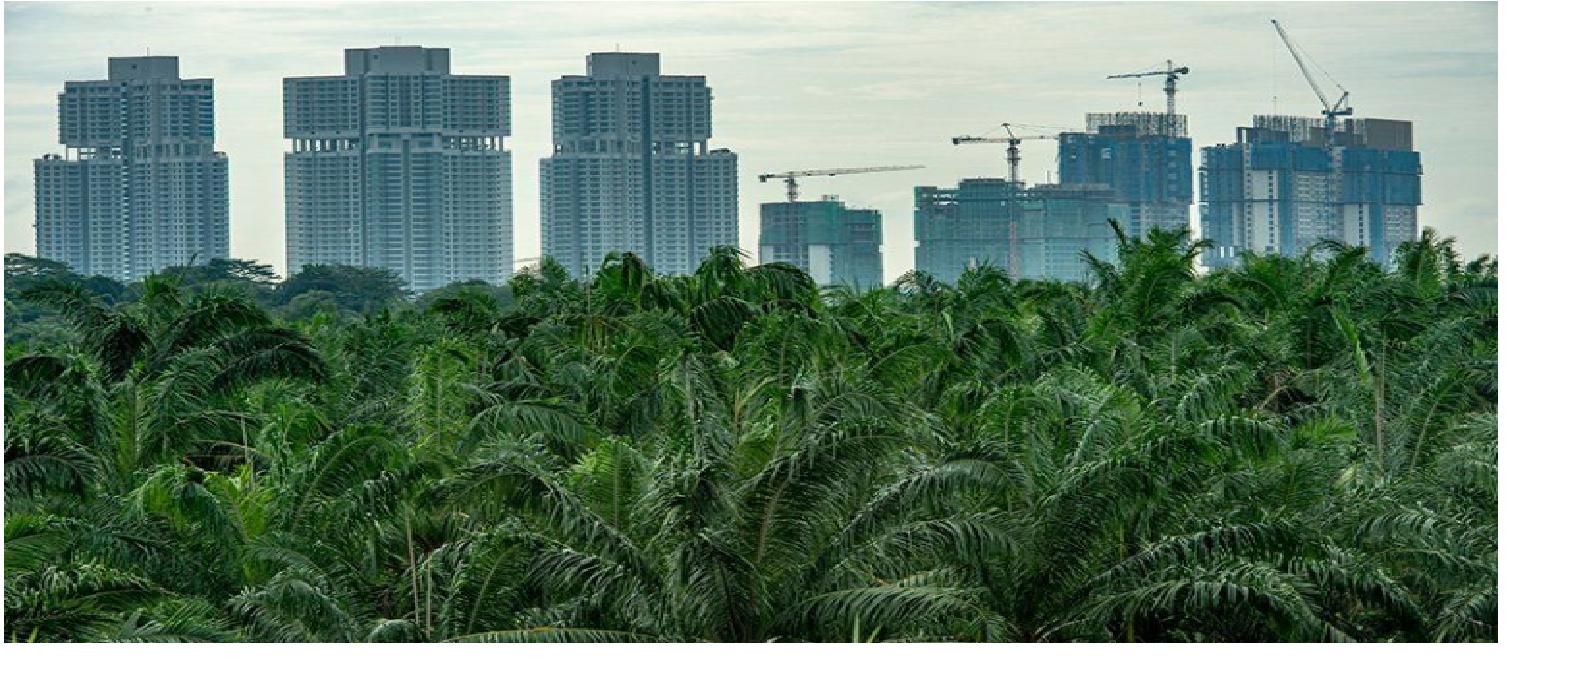 未完成的塔与马来西亚热带景观共存-羽兔网资讯